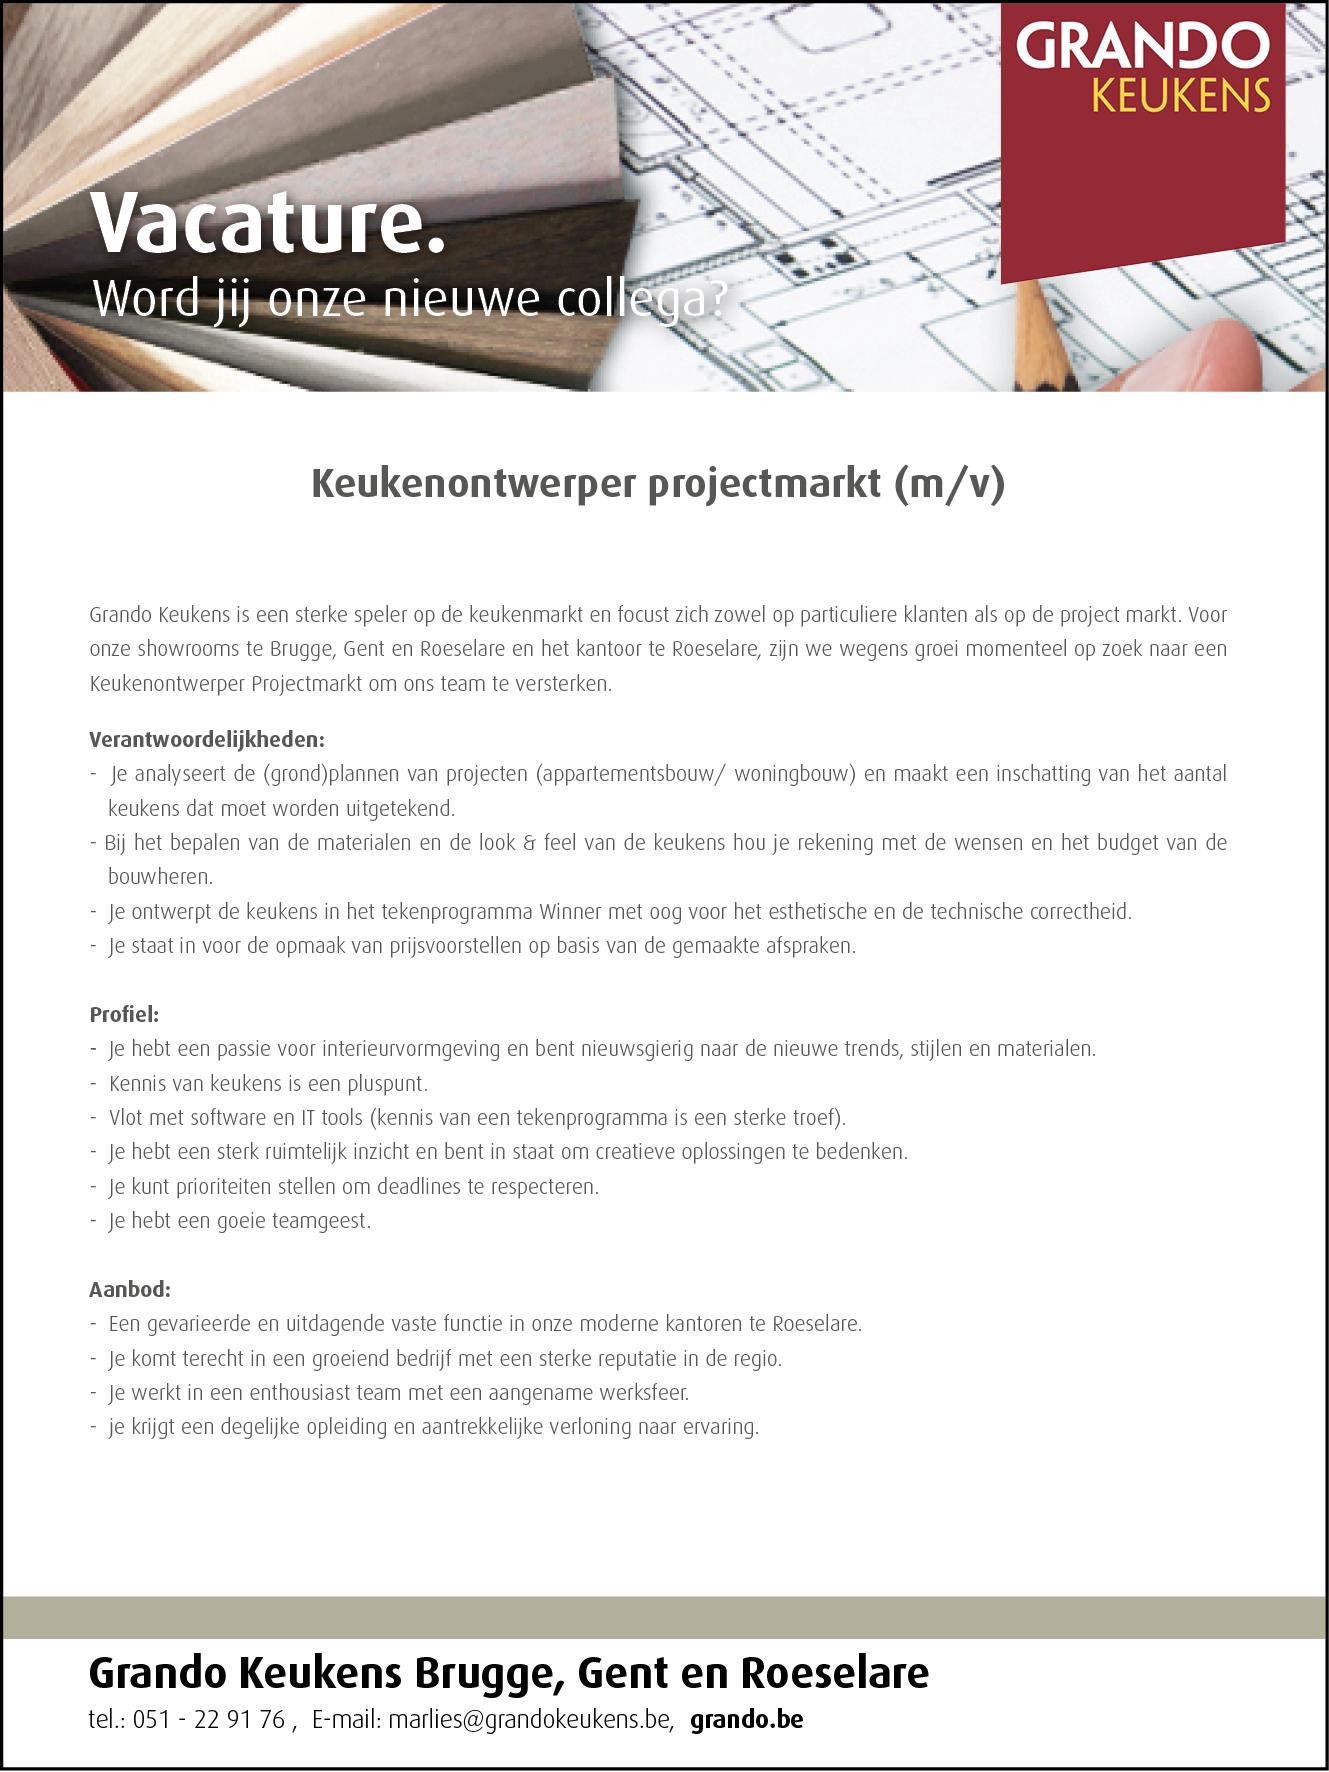 150x200 Vacature Lovanex Keukenontwerper projectmarkt 2020.png